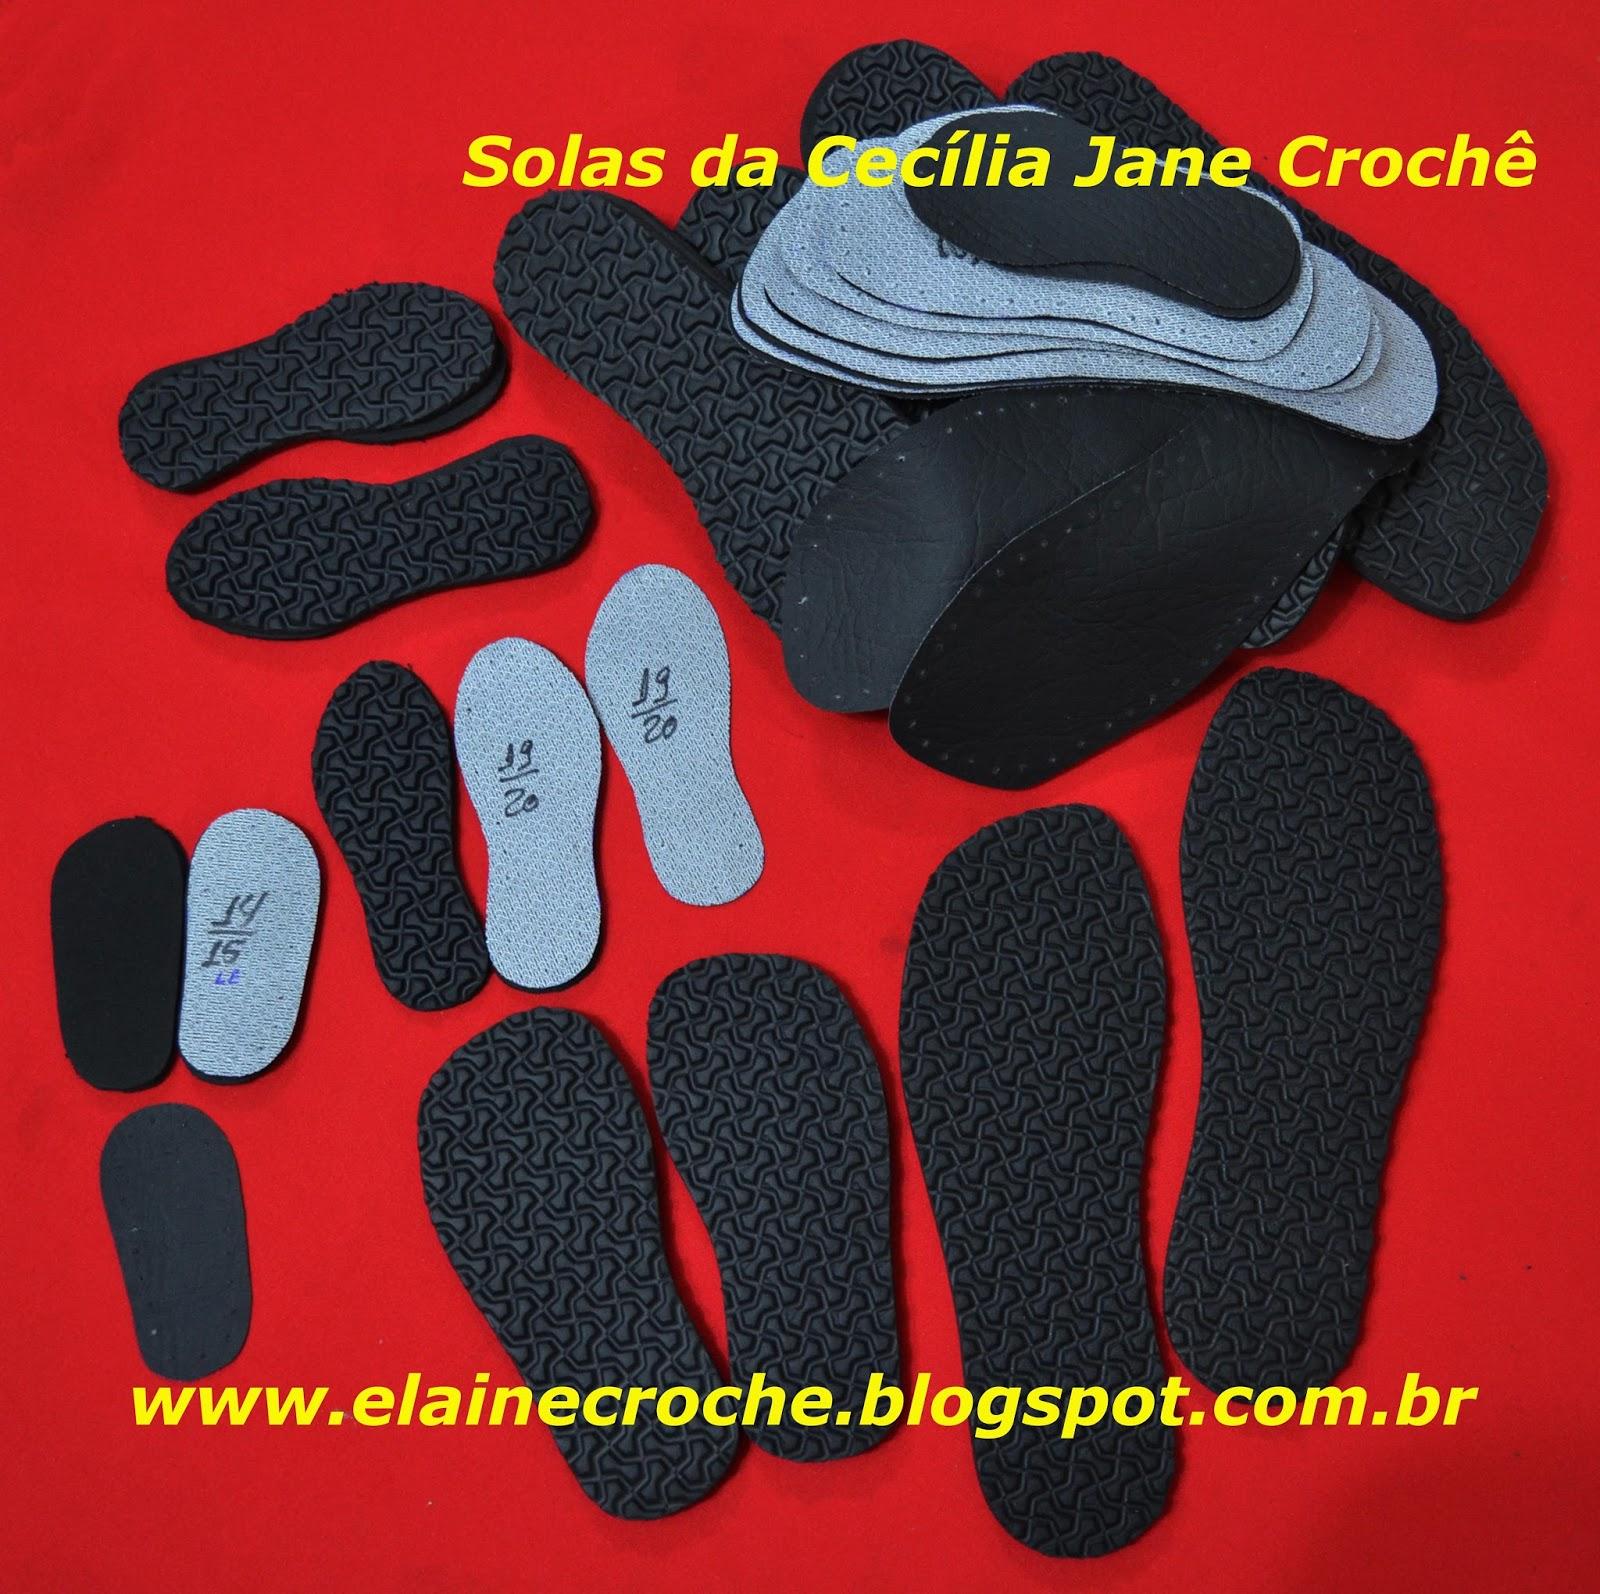 Elaine Croche  Solas em EVA para Botas e outras peças em Crochê ... 1049c8f80f